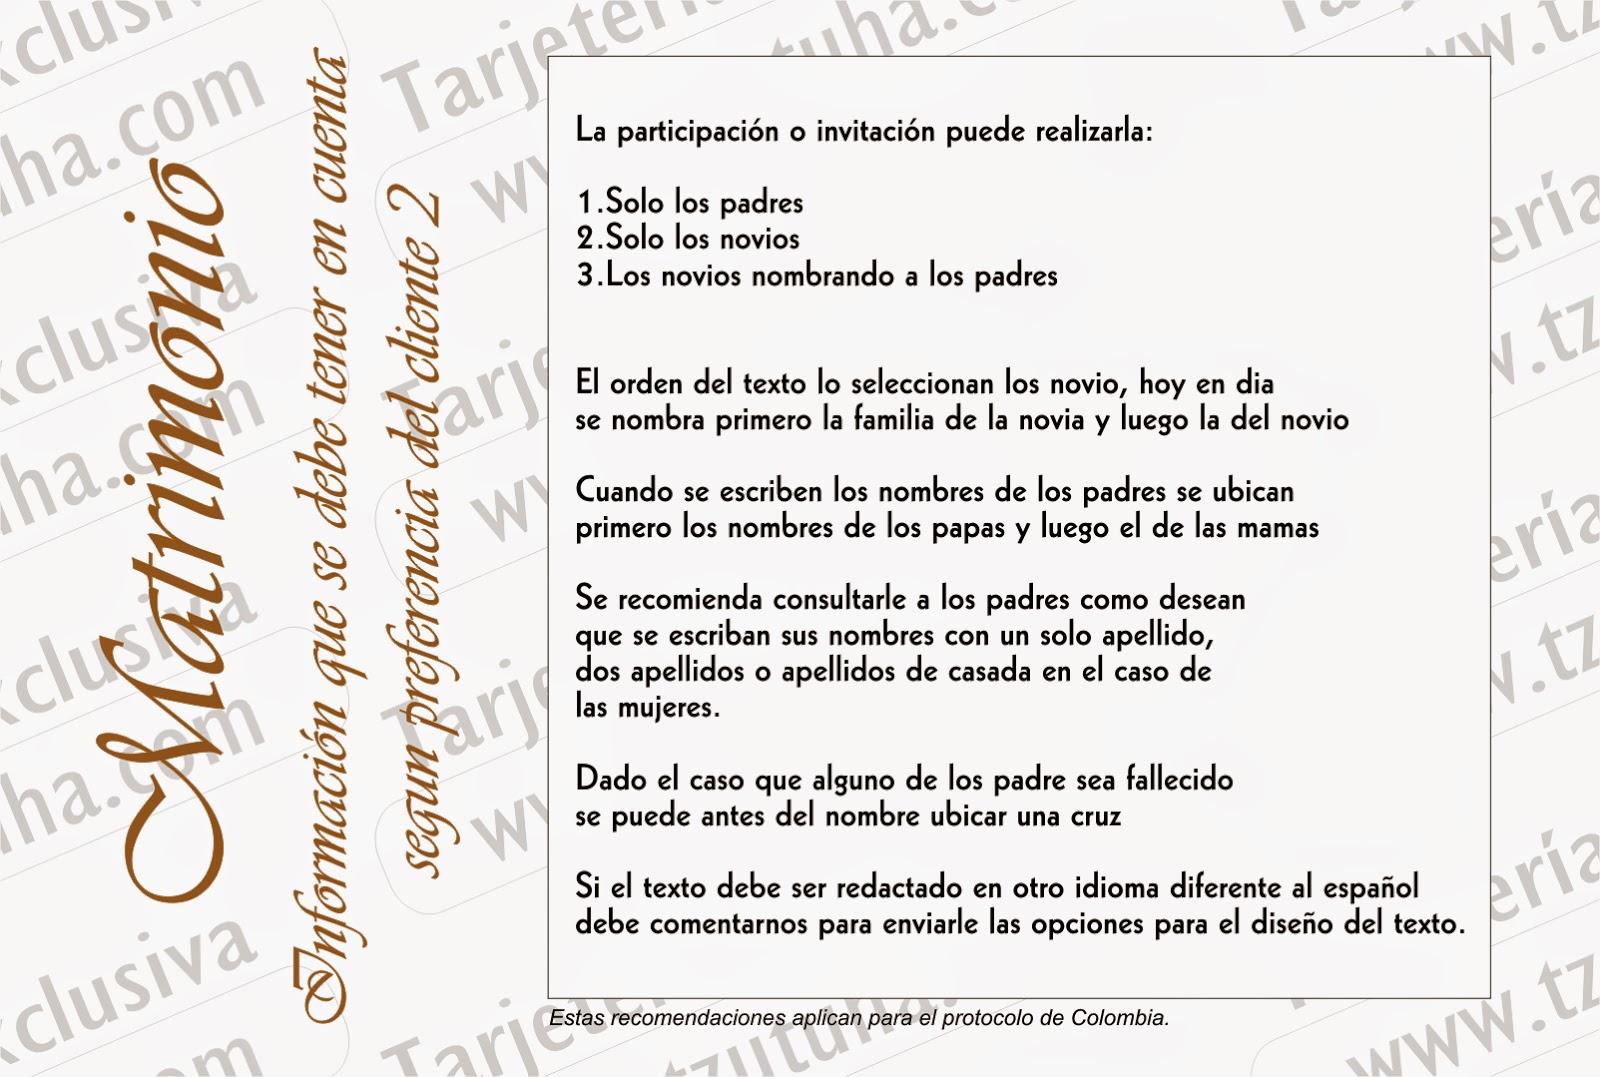 Matrimonio Catolico Sin Fiesta : Tzutuha tarjetería y accesorios exclusivos para eventos